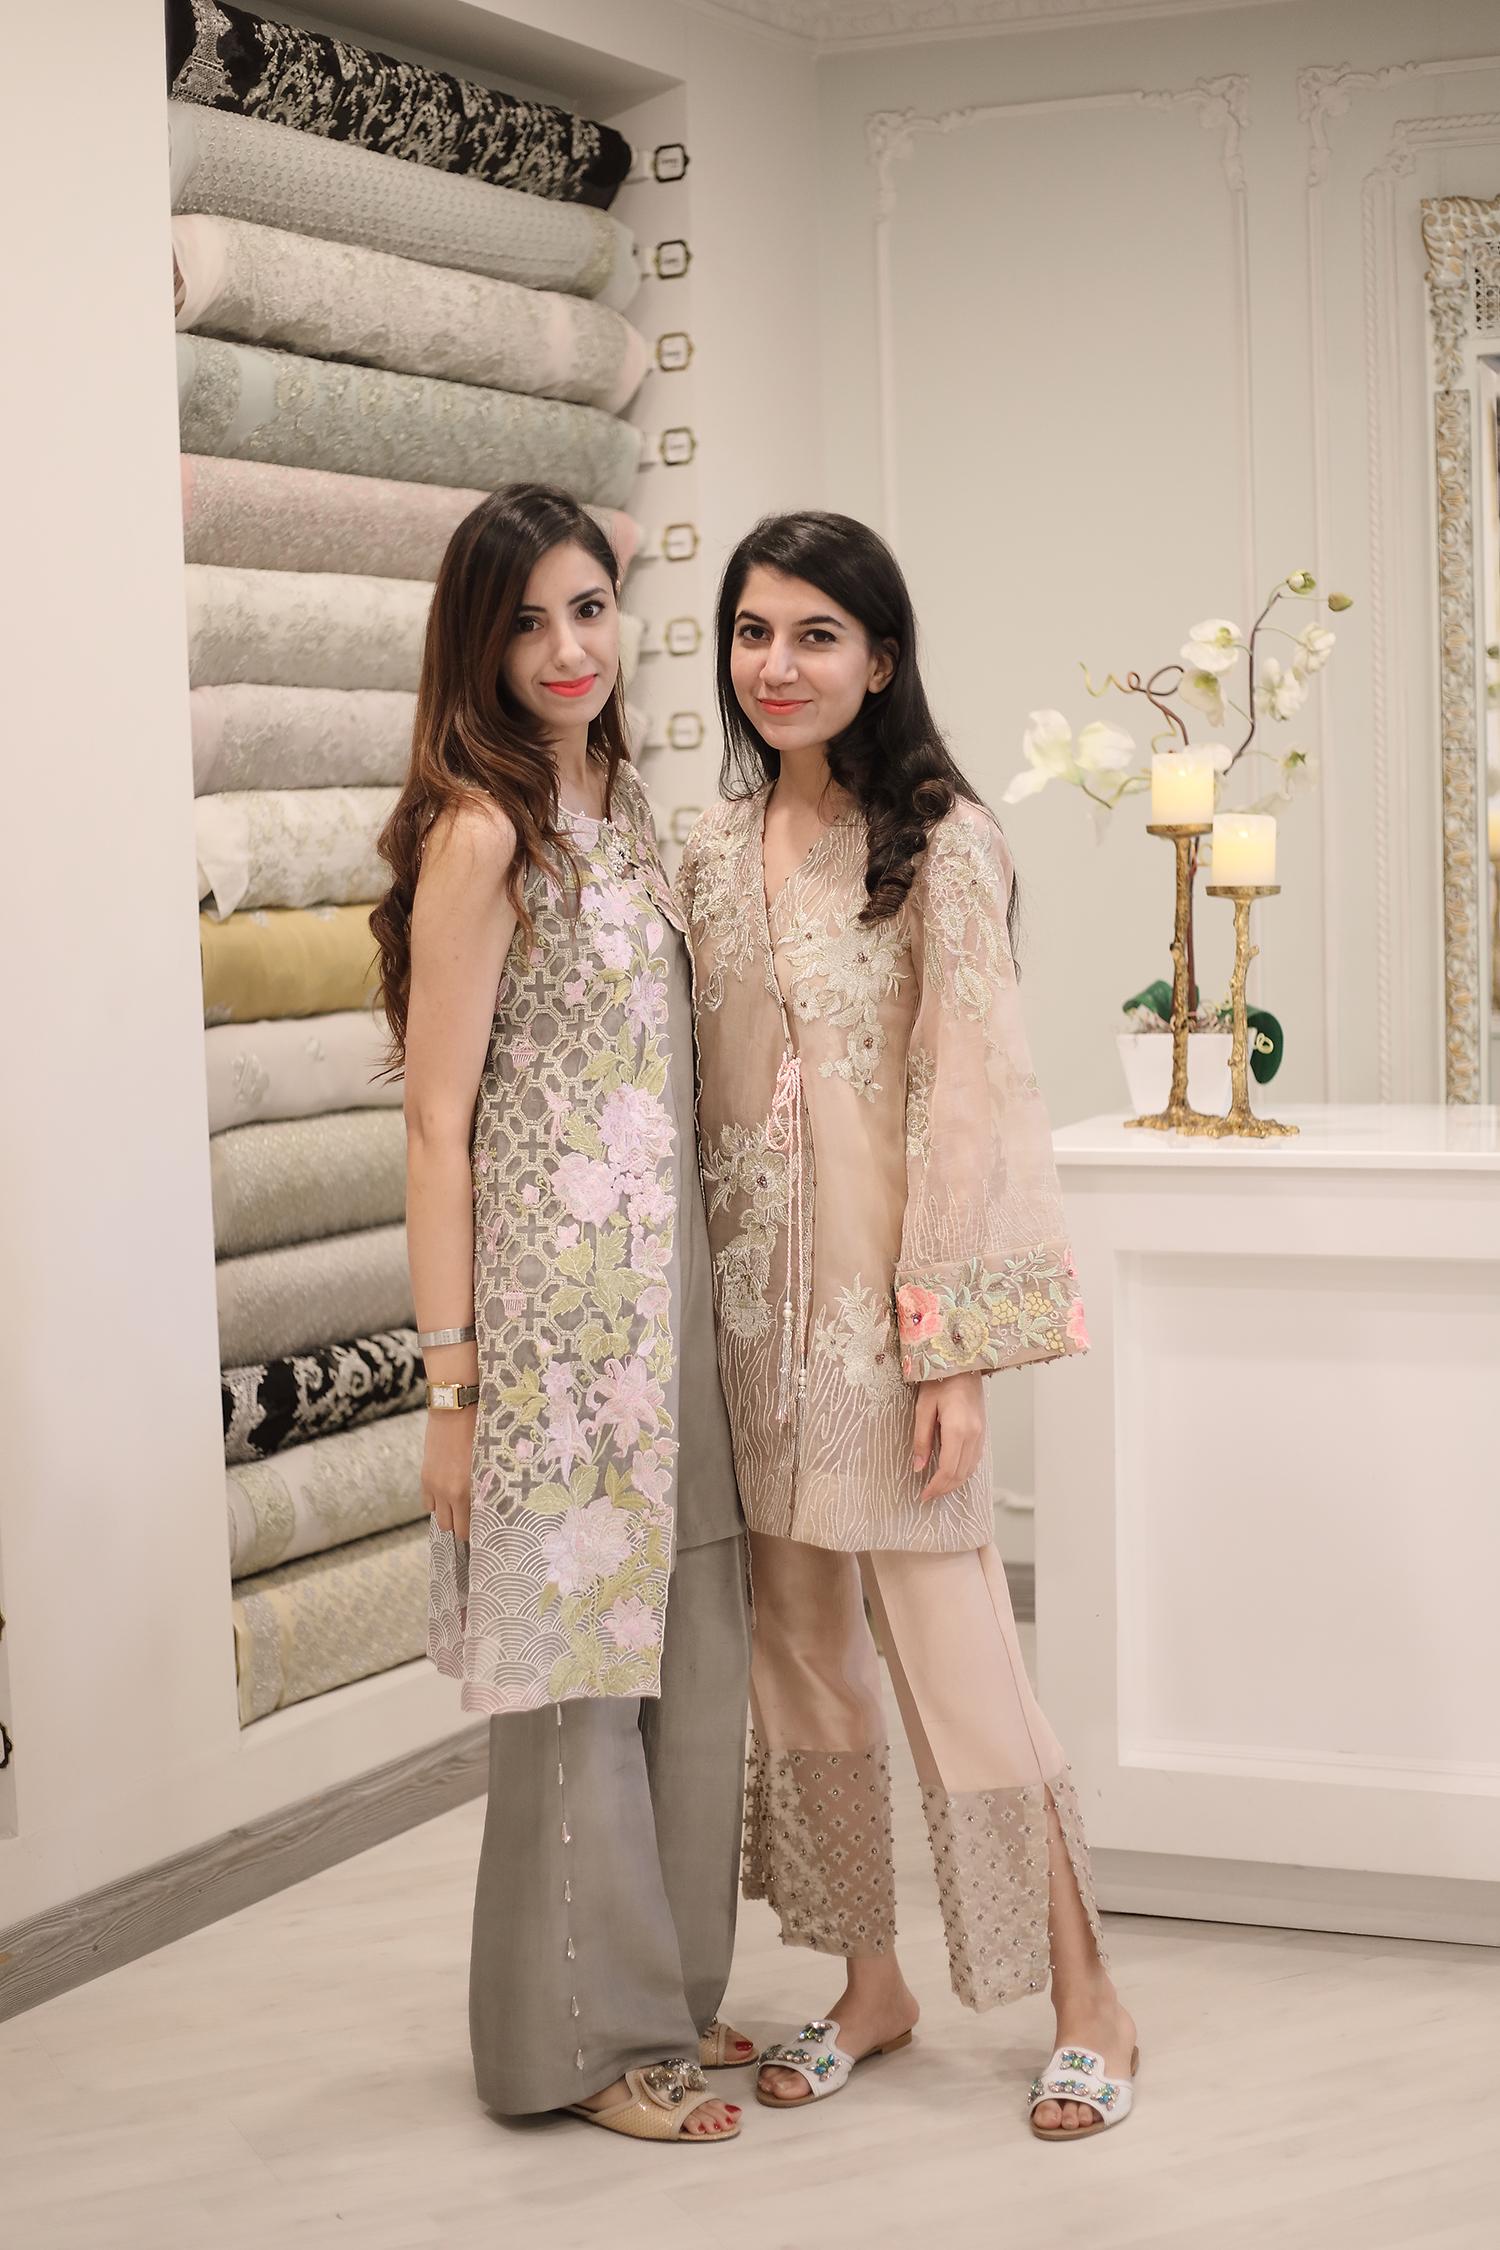 Hira and Ayla